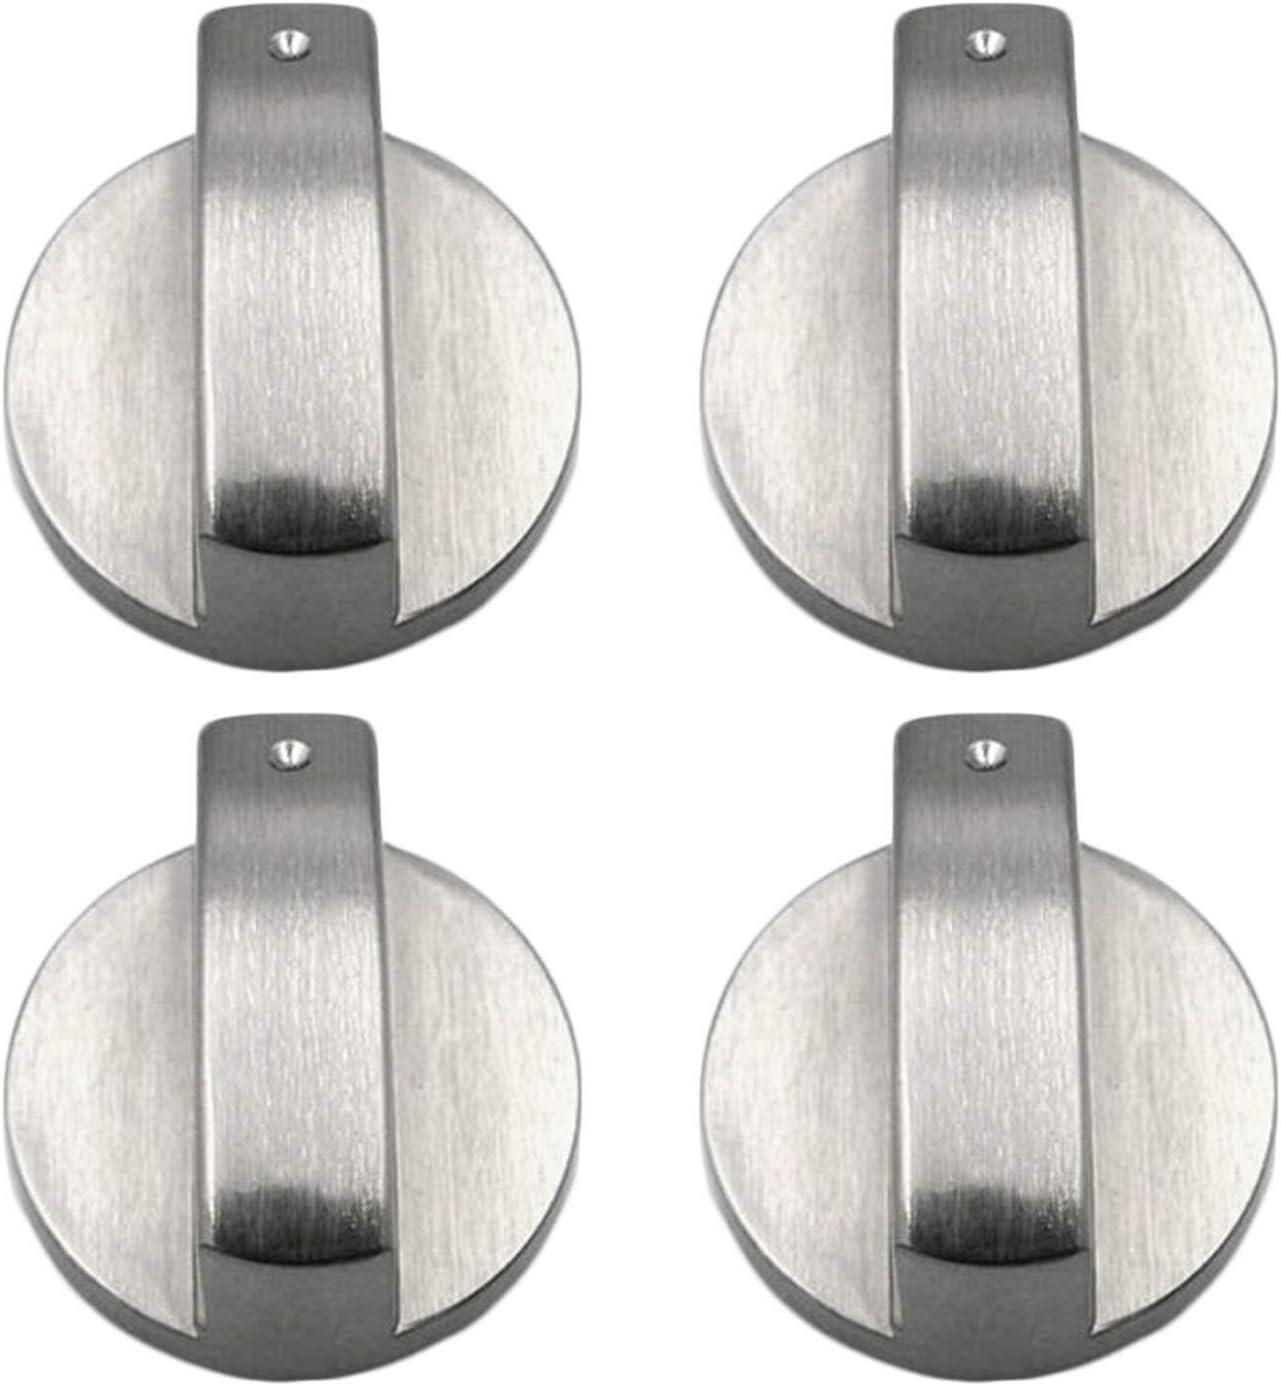 Metal 6mm Universal Silver Gas Adaptadores de Perillas de Control ...